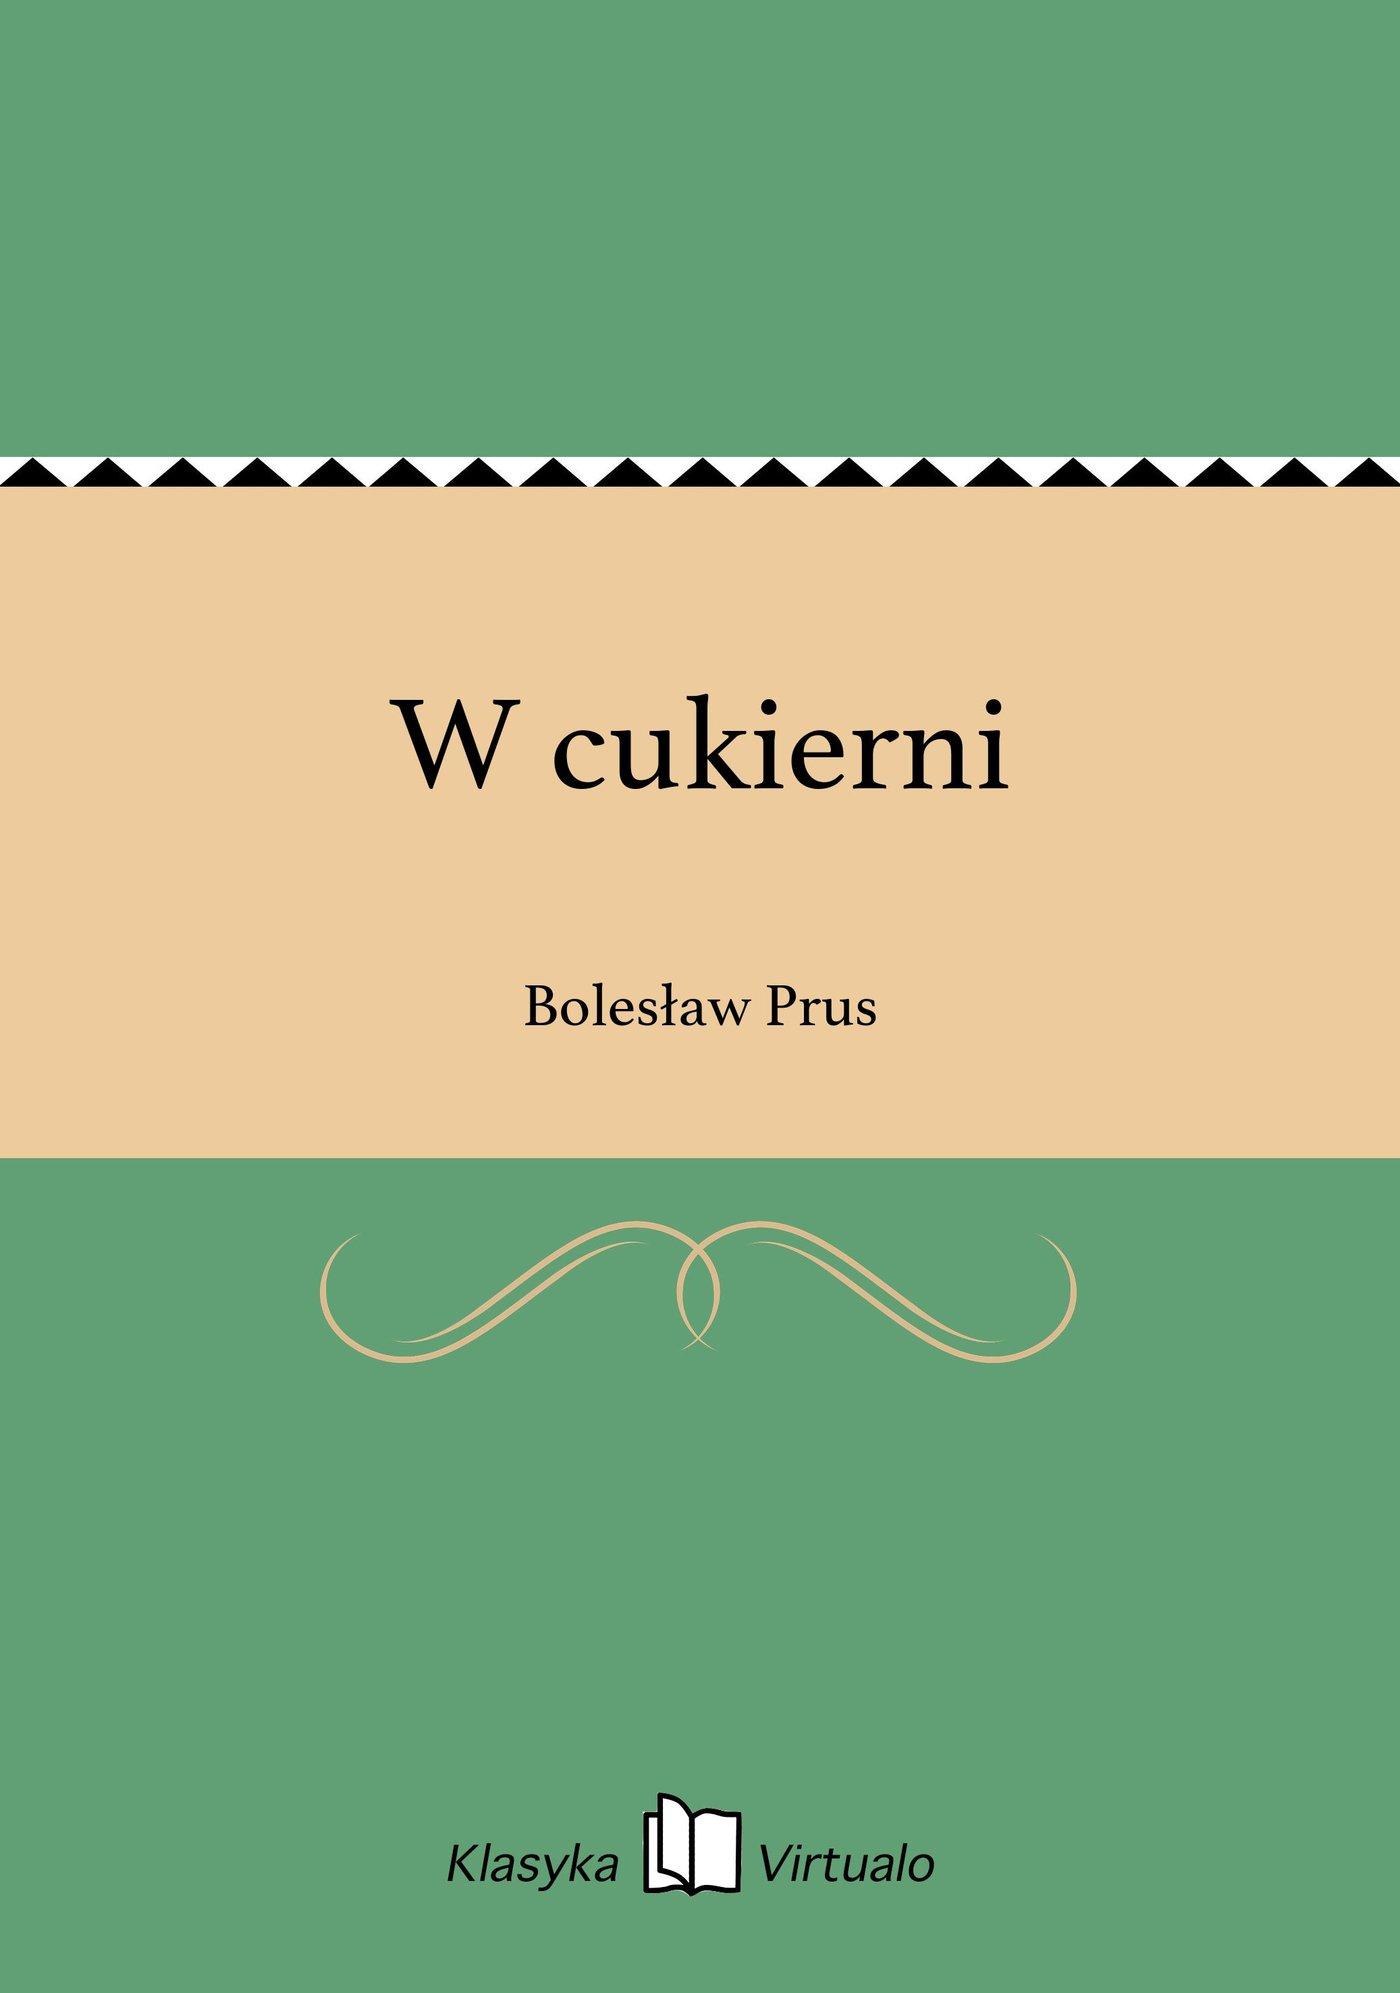 W cukierni - Ebook (Książka na Kindle) do pobrania w formacie MOBI